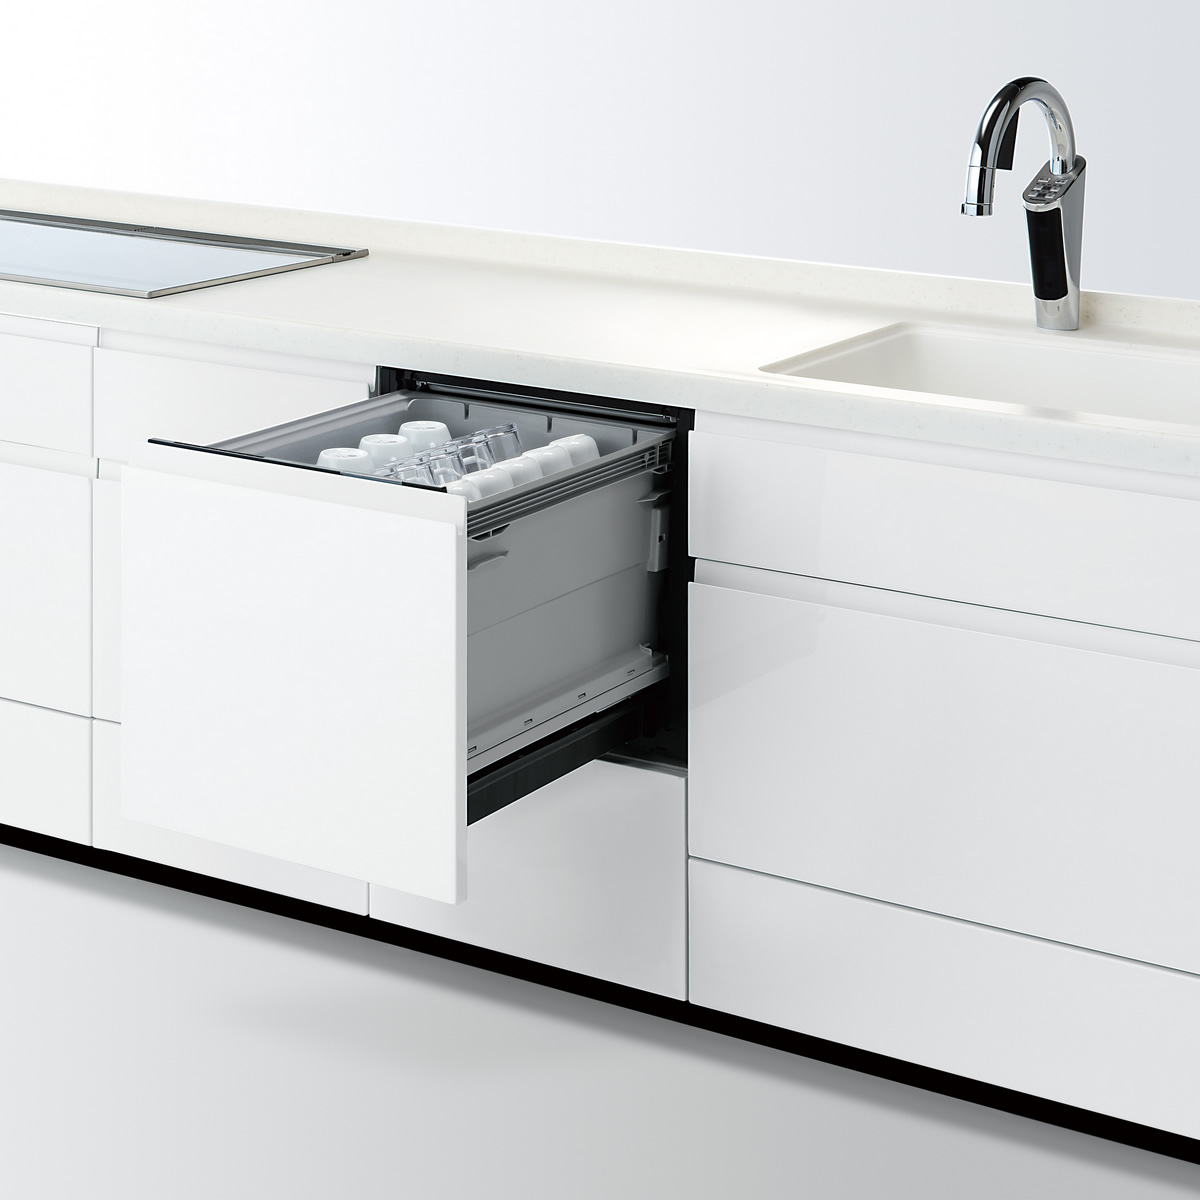 食器洗い乾燥機【NP-45KS8W】パナソニック ビルトインK8シリーズ 幅45cm ミドルタイプ ドアフル面材型